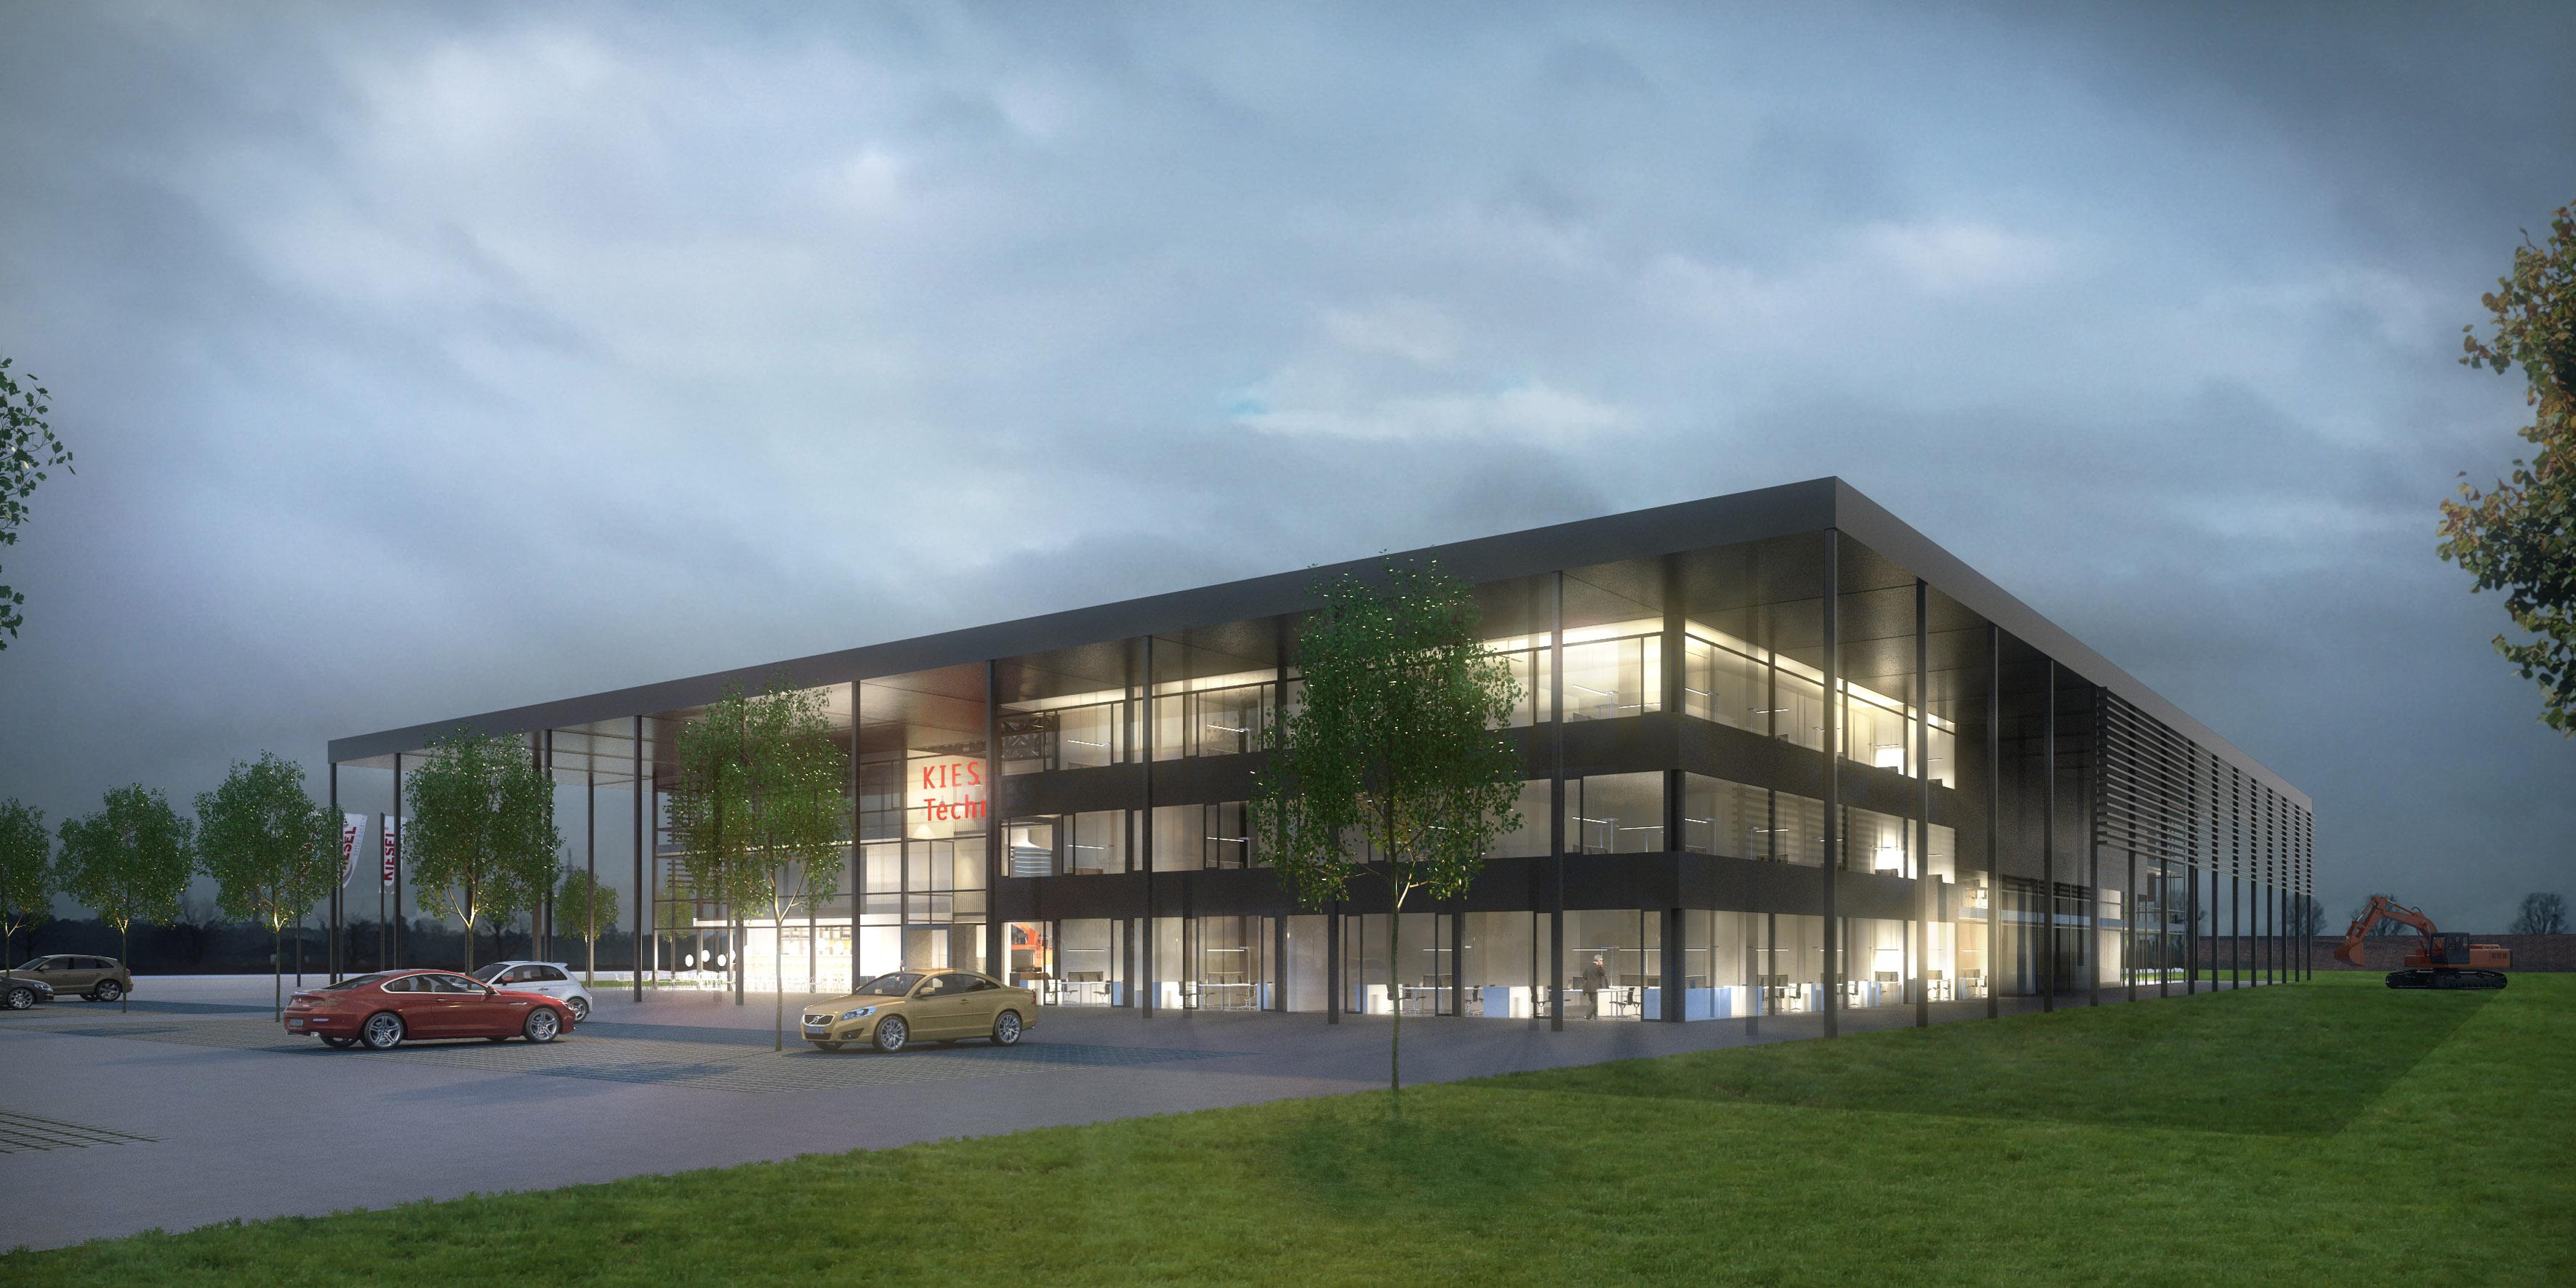 Das Zentrum der neuen Kiesel Technik Welt: Das Gebäude mit Austellungsfläche, Werkstattboxen, Schulungsräumen und vielem mehr.